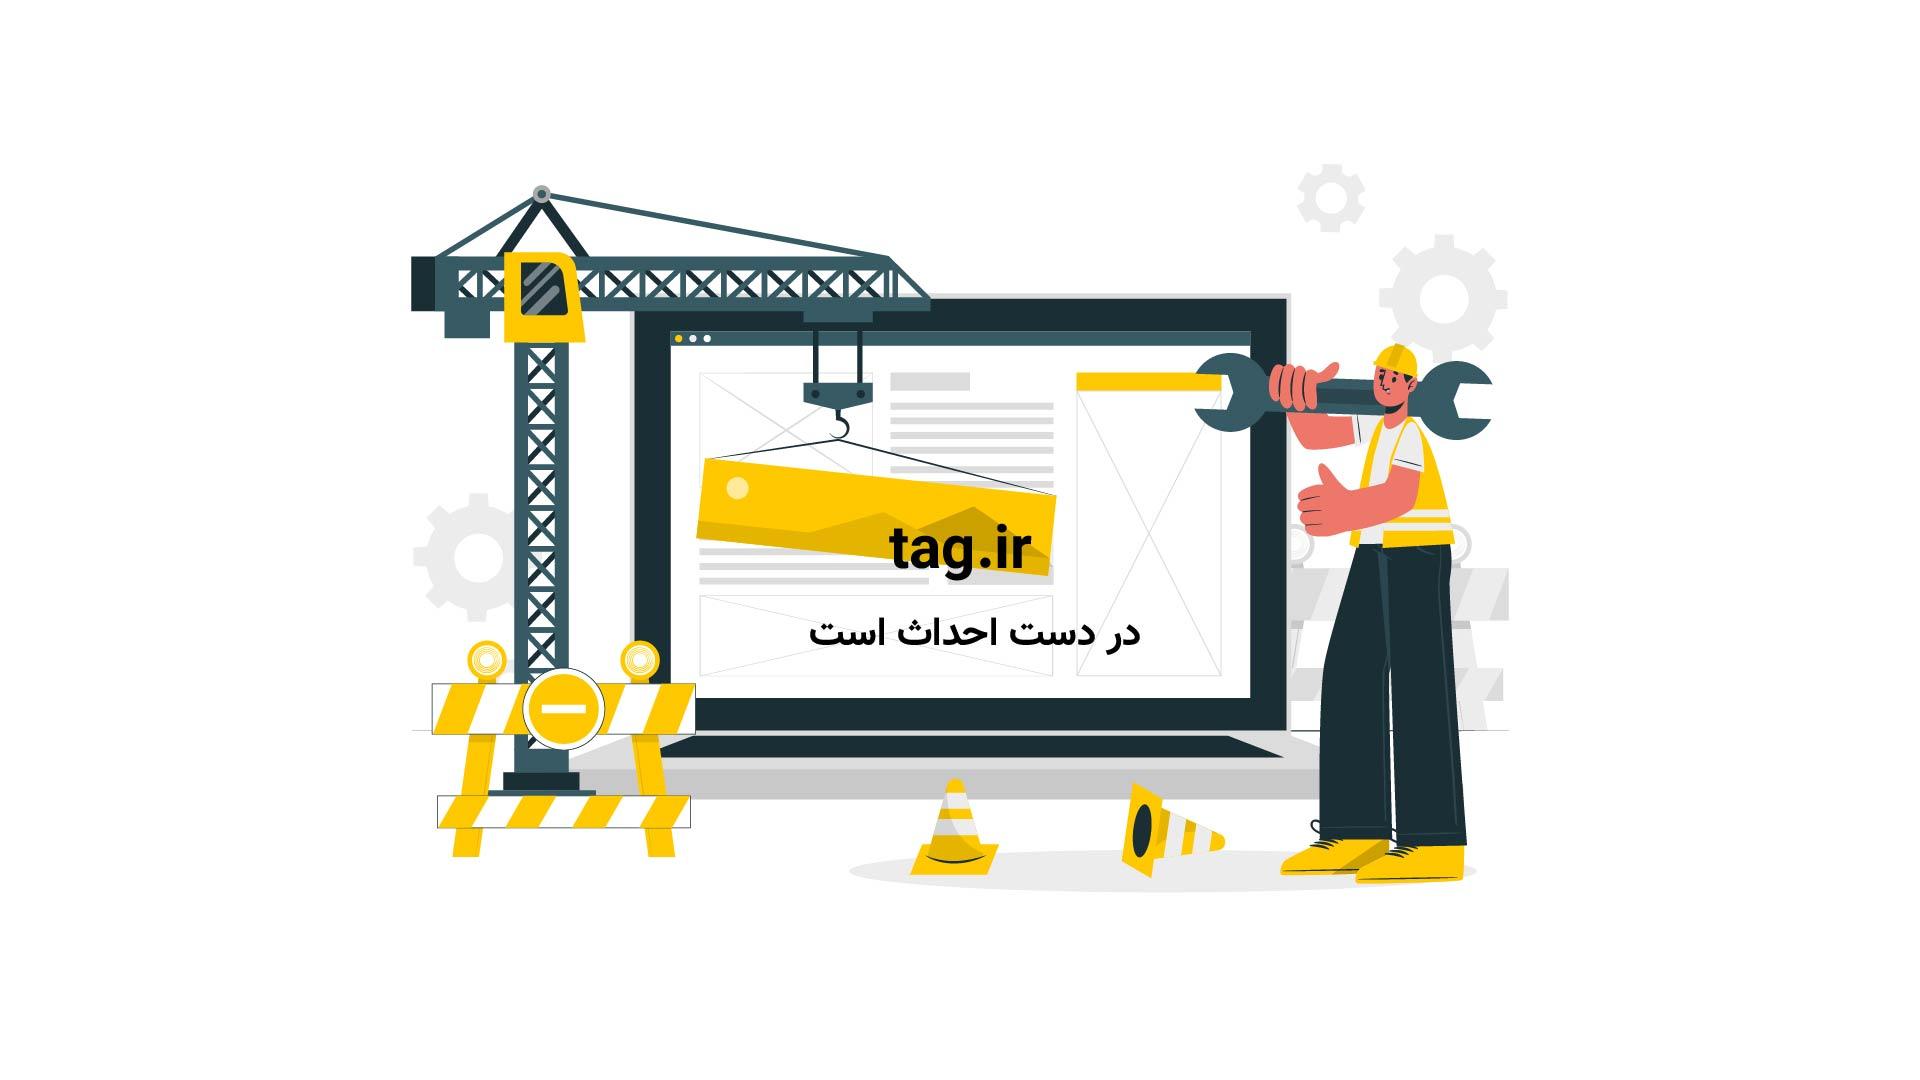 سخنرانی بشار اسد در همایش وزارت خارجه سوریه درباره تحولات منطقه | فیلم